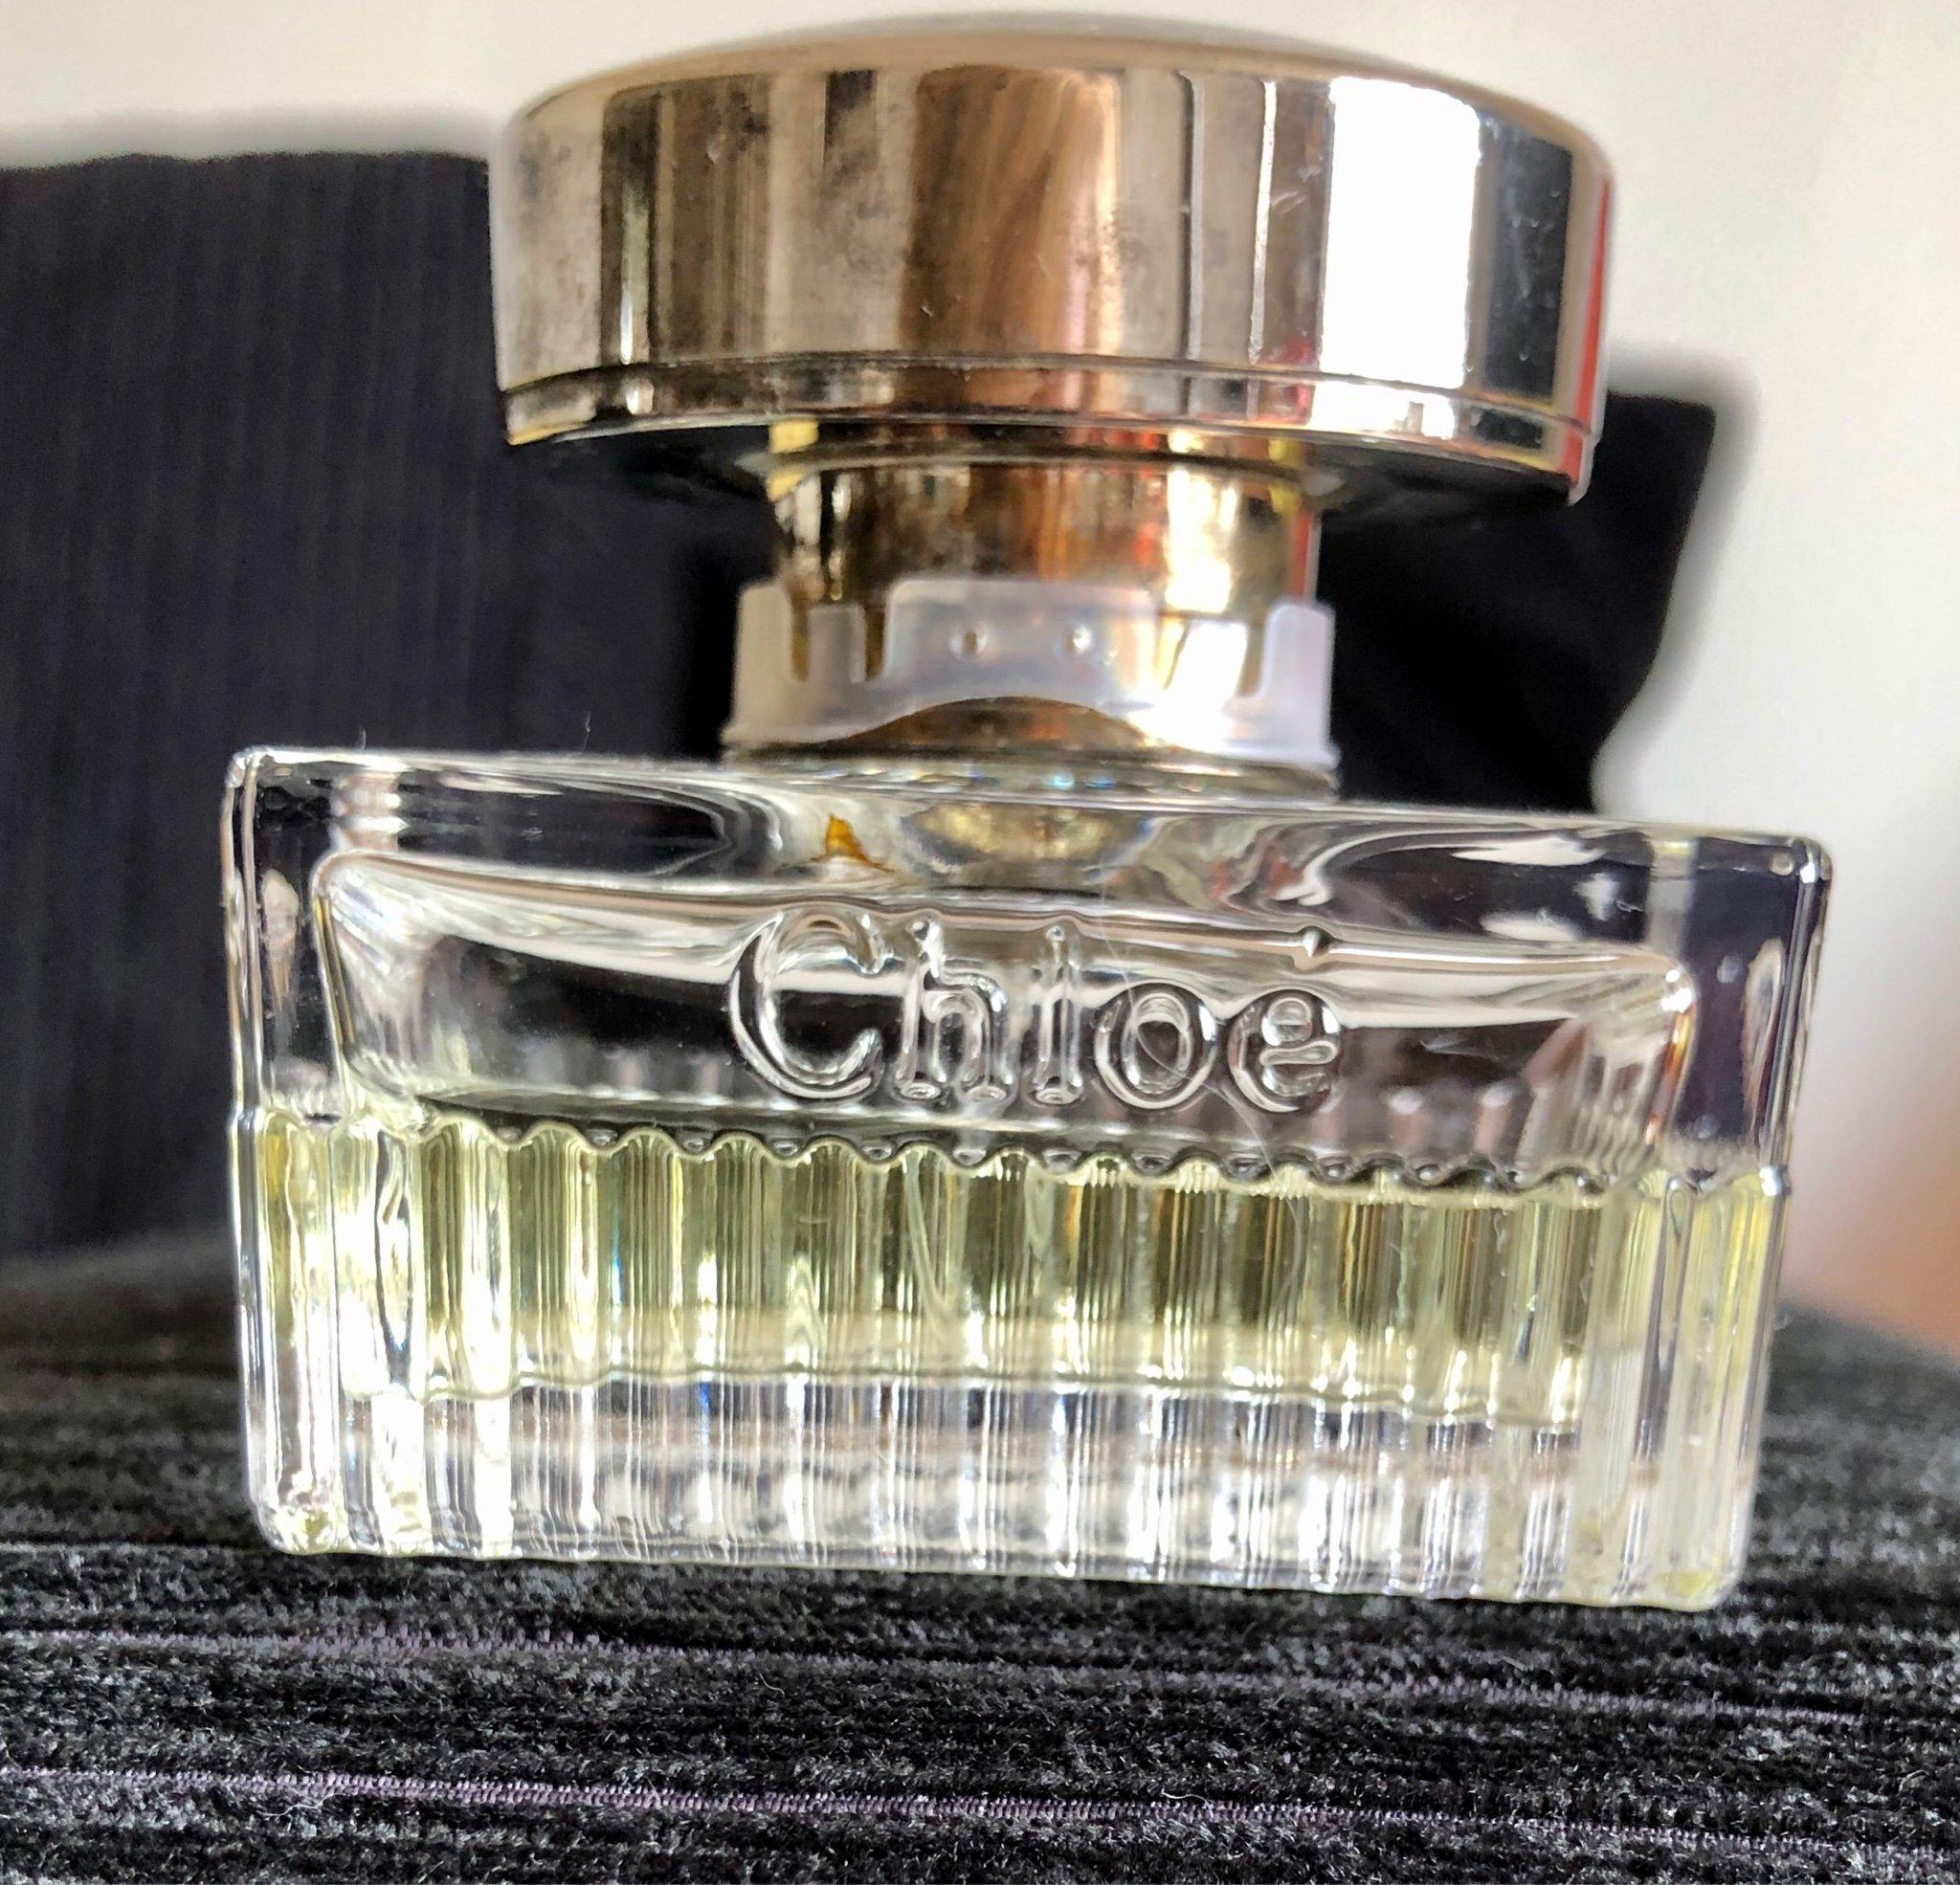 Chloe, parfym 50 ml (411670296) ᐈ Köp på Tradera